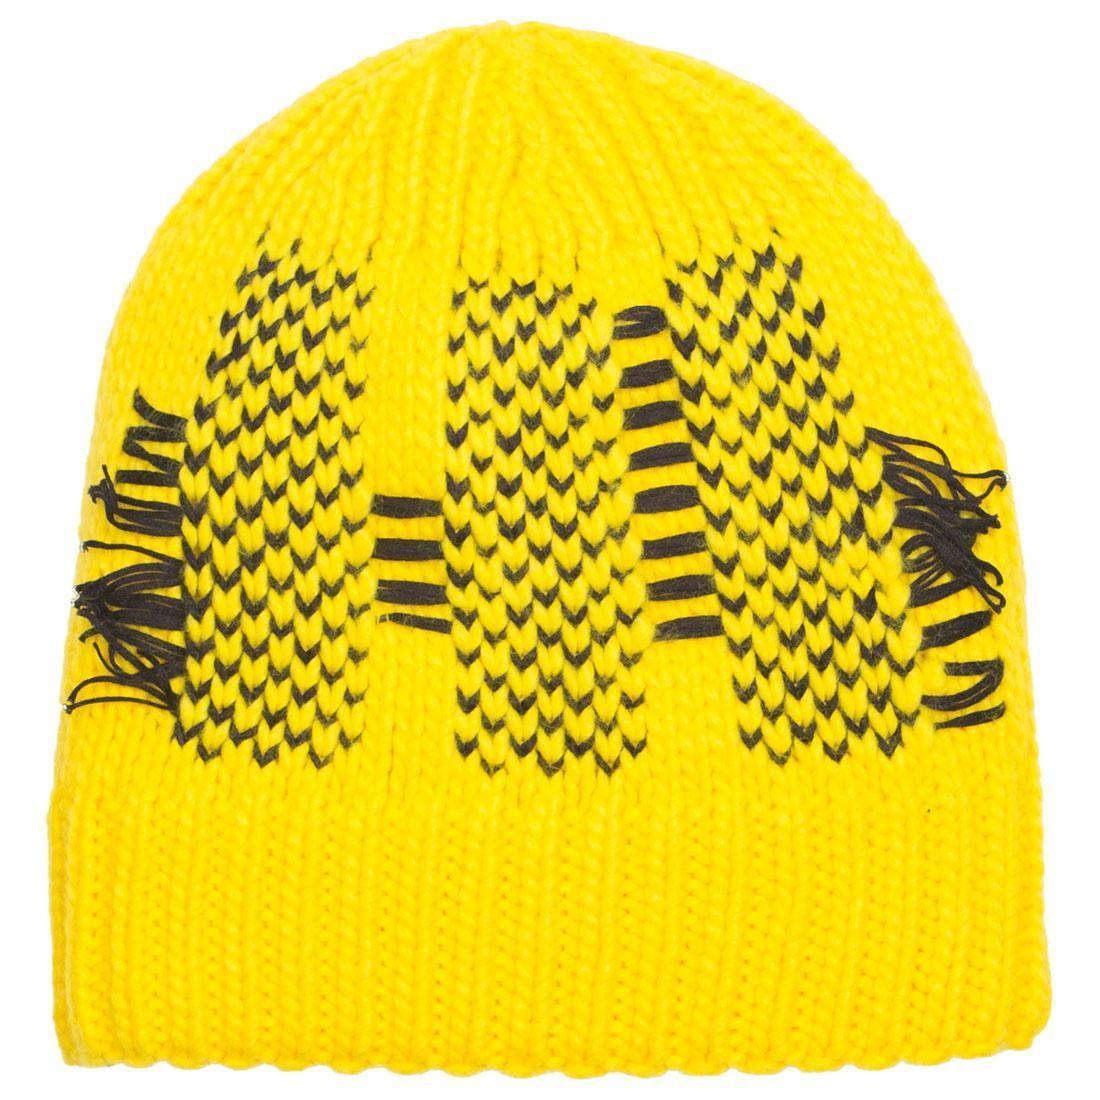 Adidas Y-3 Y3 Knit Beanie (yellow)